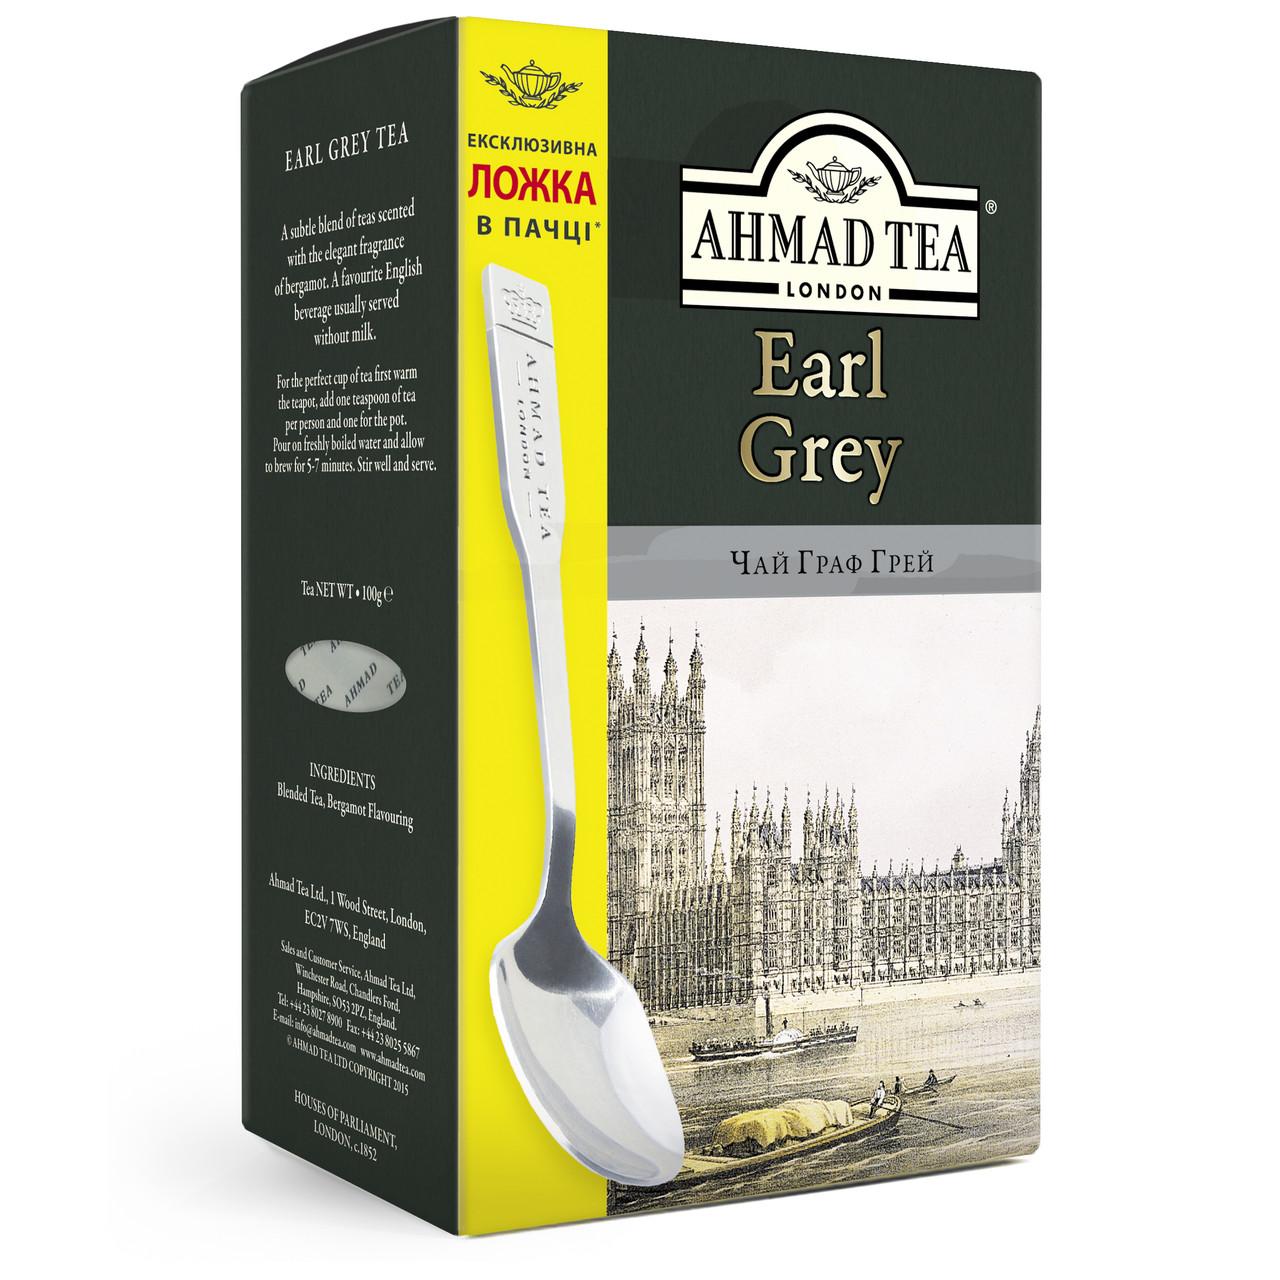 Ахмад чай с бергамотом Граф Грей с ложкой в пачке чёрный листовой 100 грамм